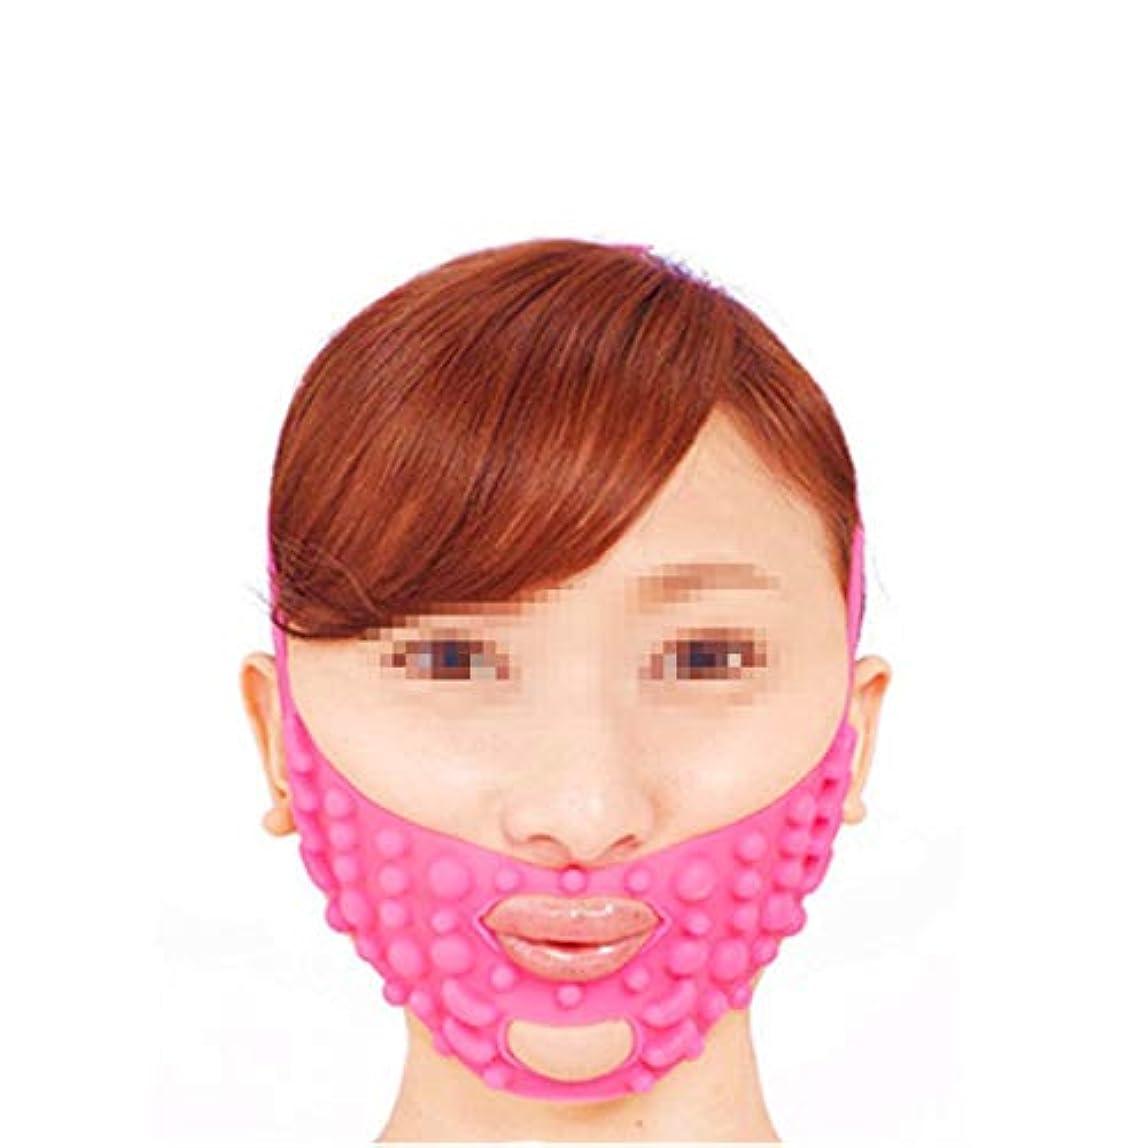 シャイニング契約太いシリコンマッサージフェイスマスク、密かに形作る小さなVフェイスリフトをパターンアップフェイスリフトバンデージピンク